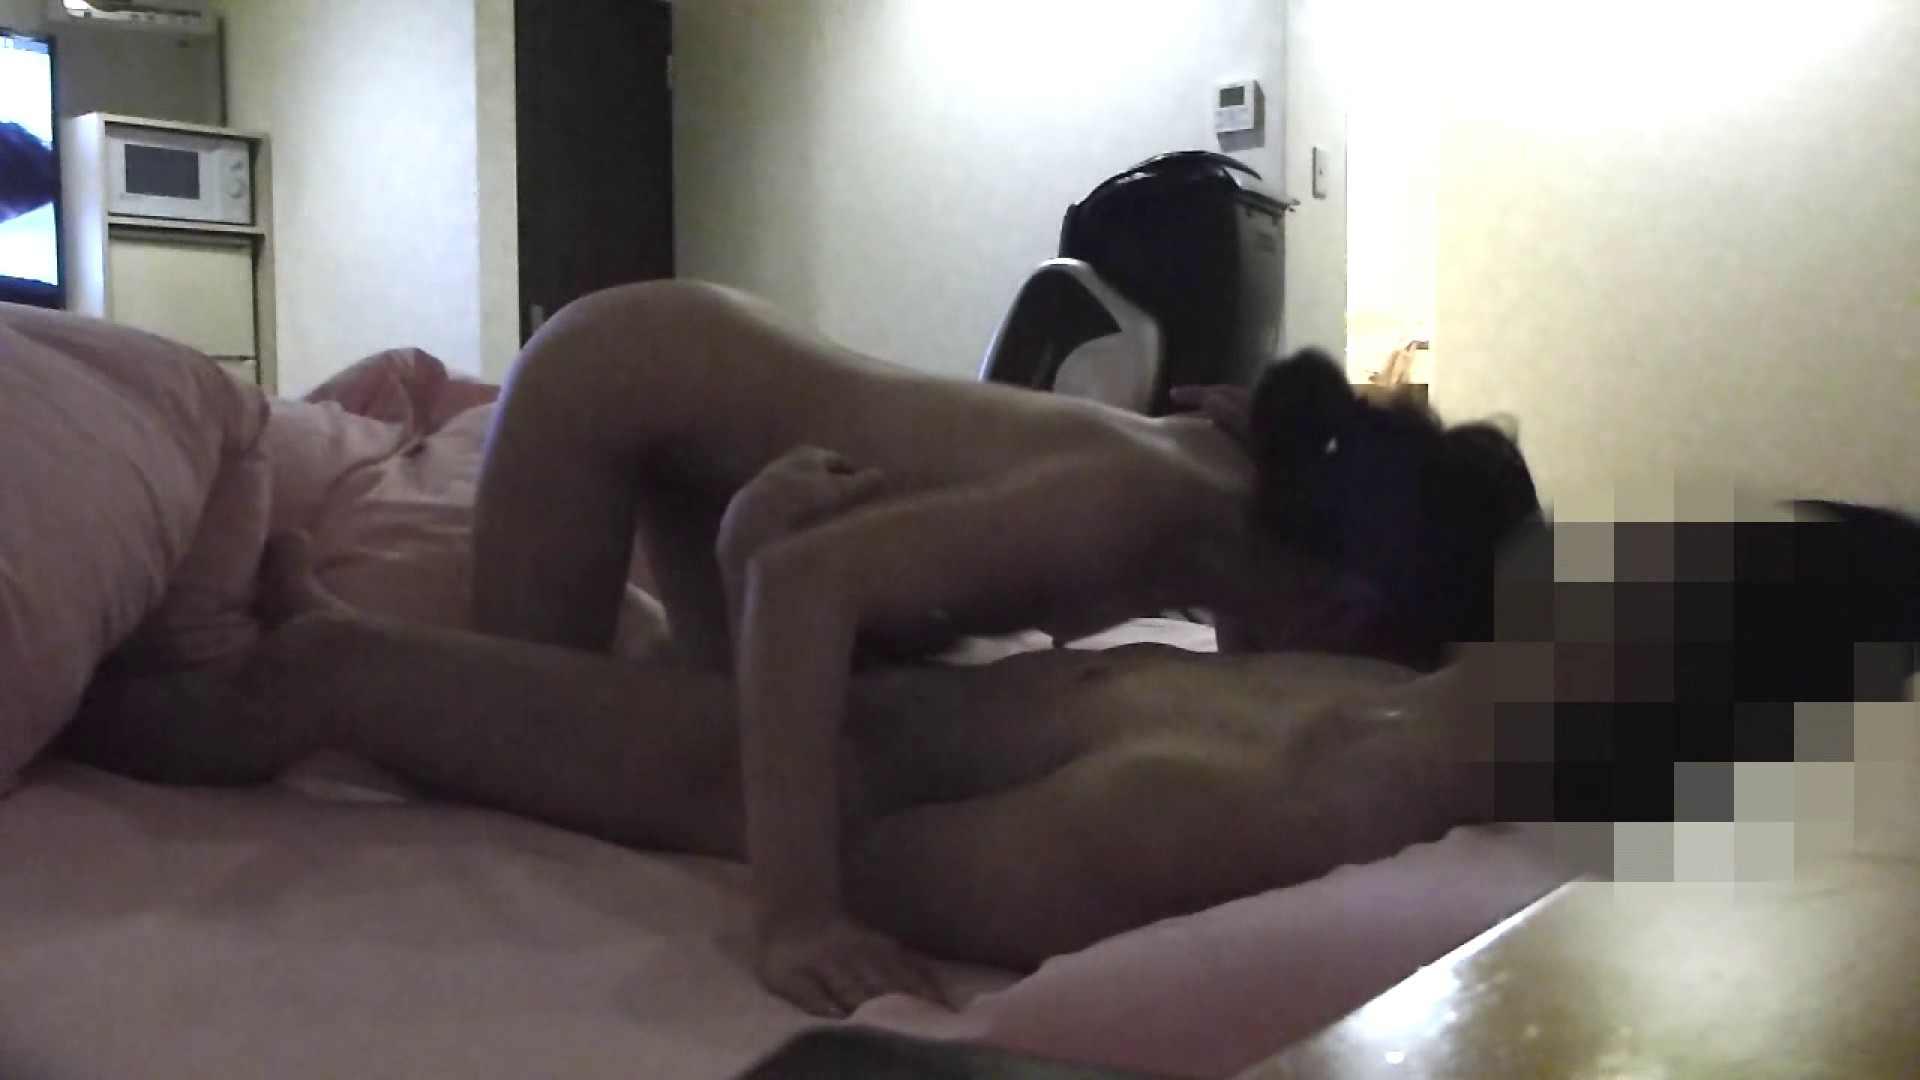 【完全素人投稿】誰にしようか!?やりチン健太の本日もデリ嬢いただきま~す!!16 投稿映像  100pic 15